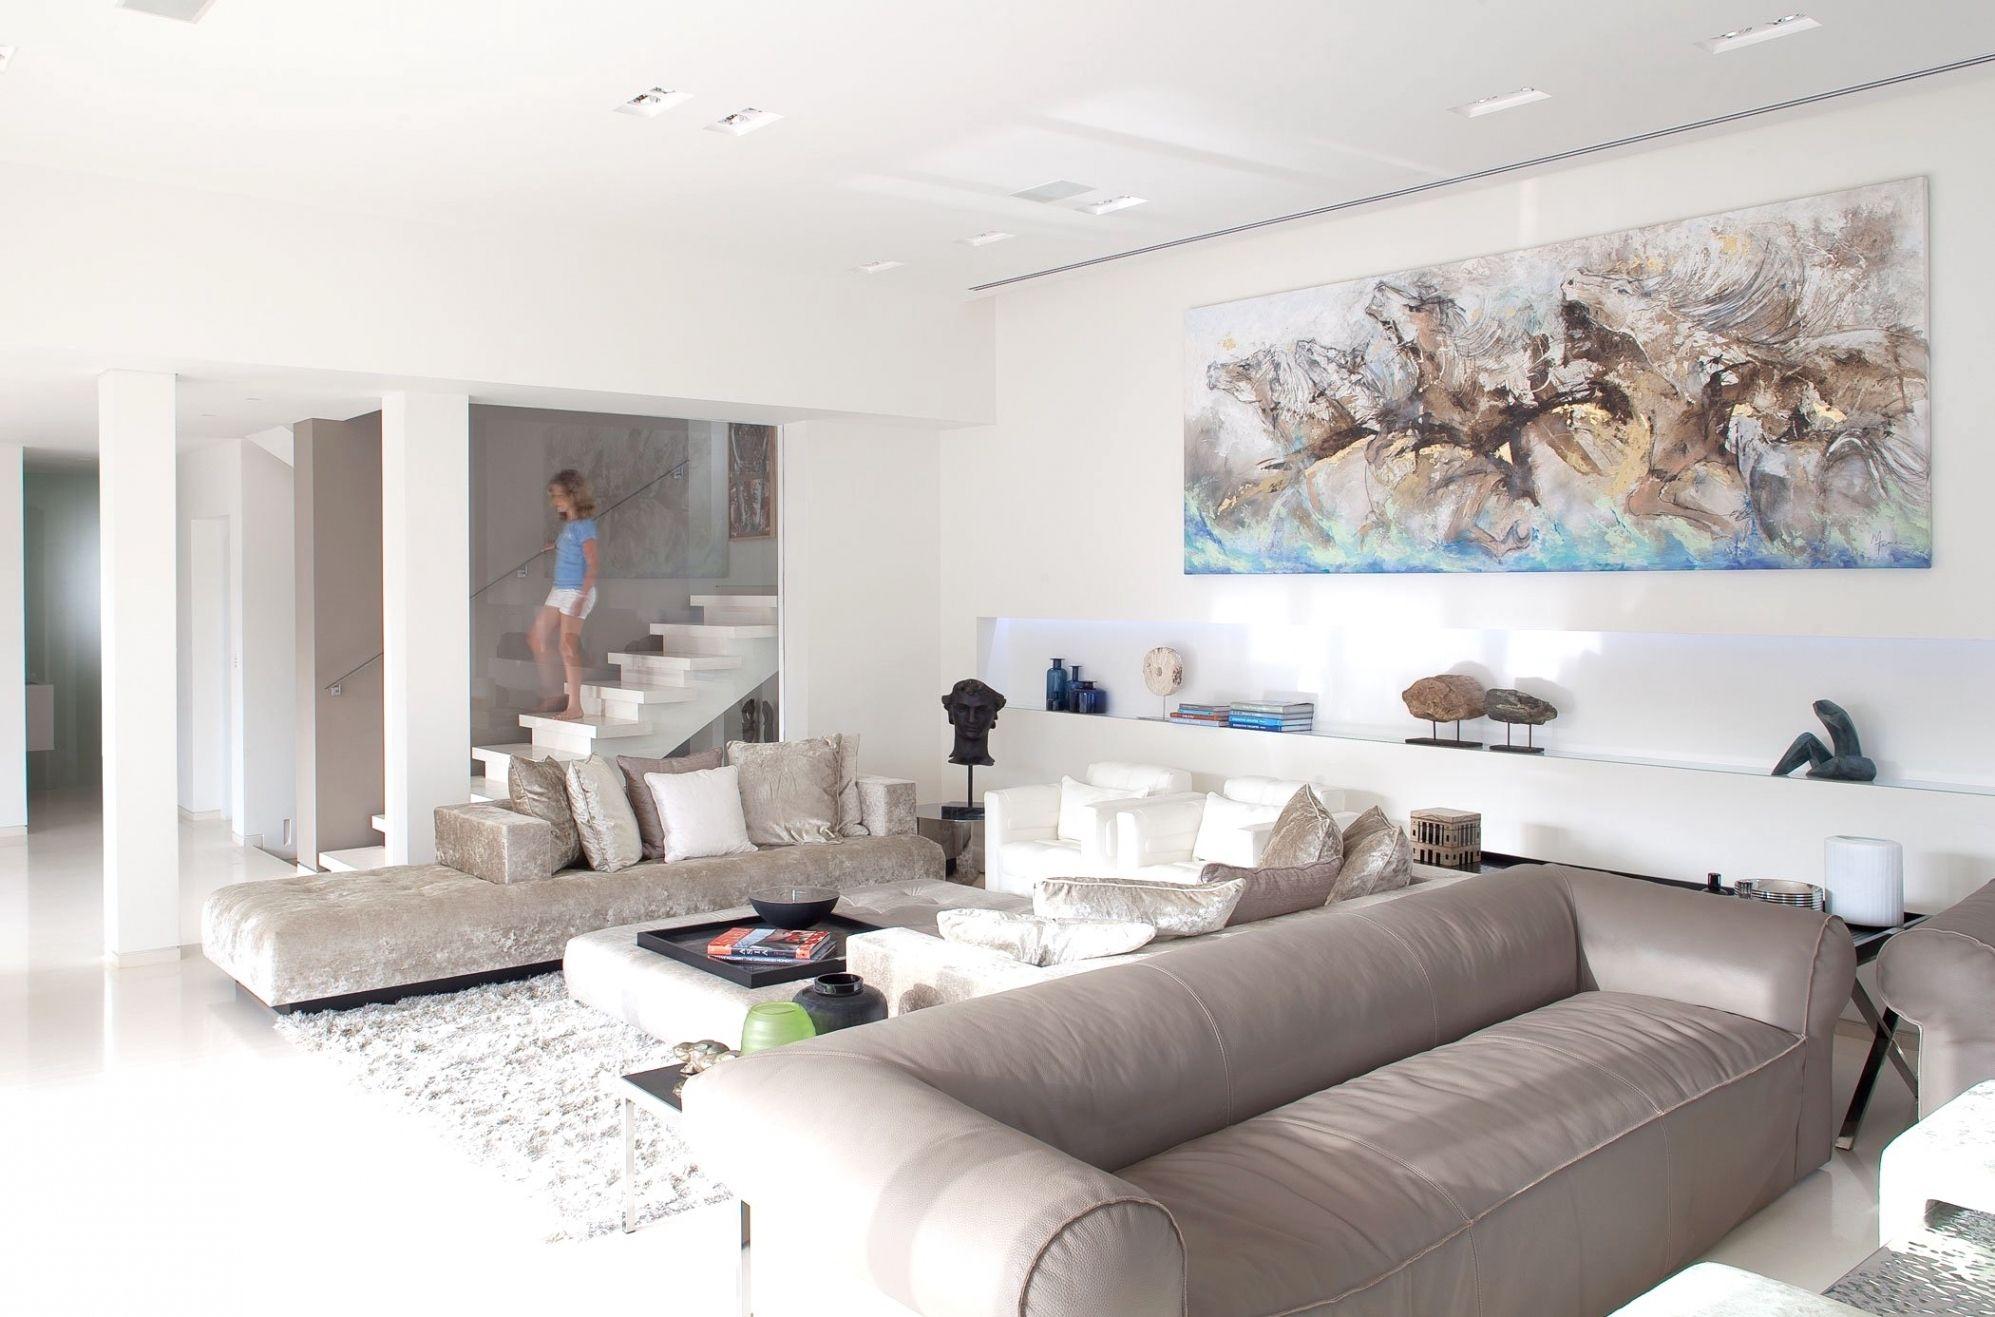 Fesselnd Erstaunlich Wohnzimmer Ideen Weiß